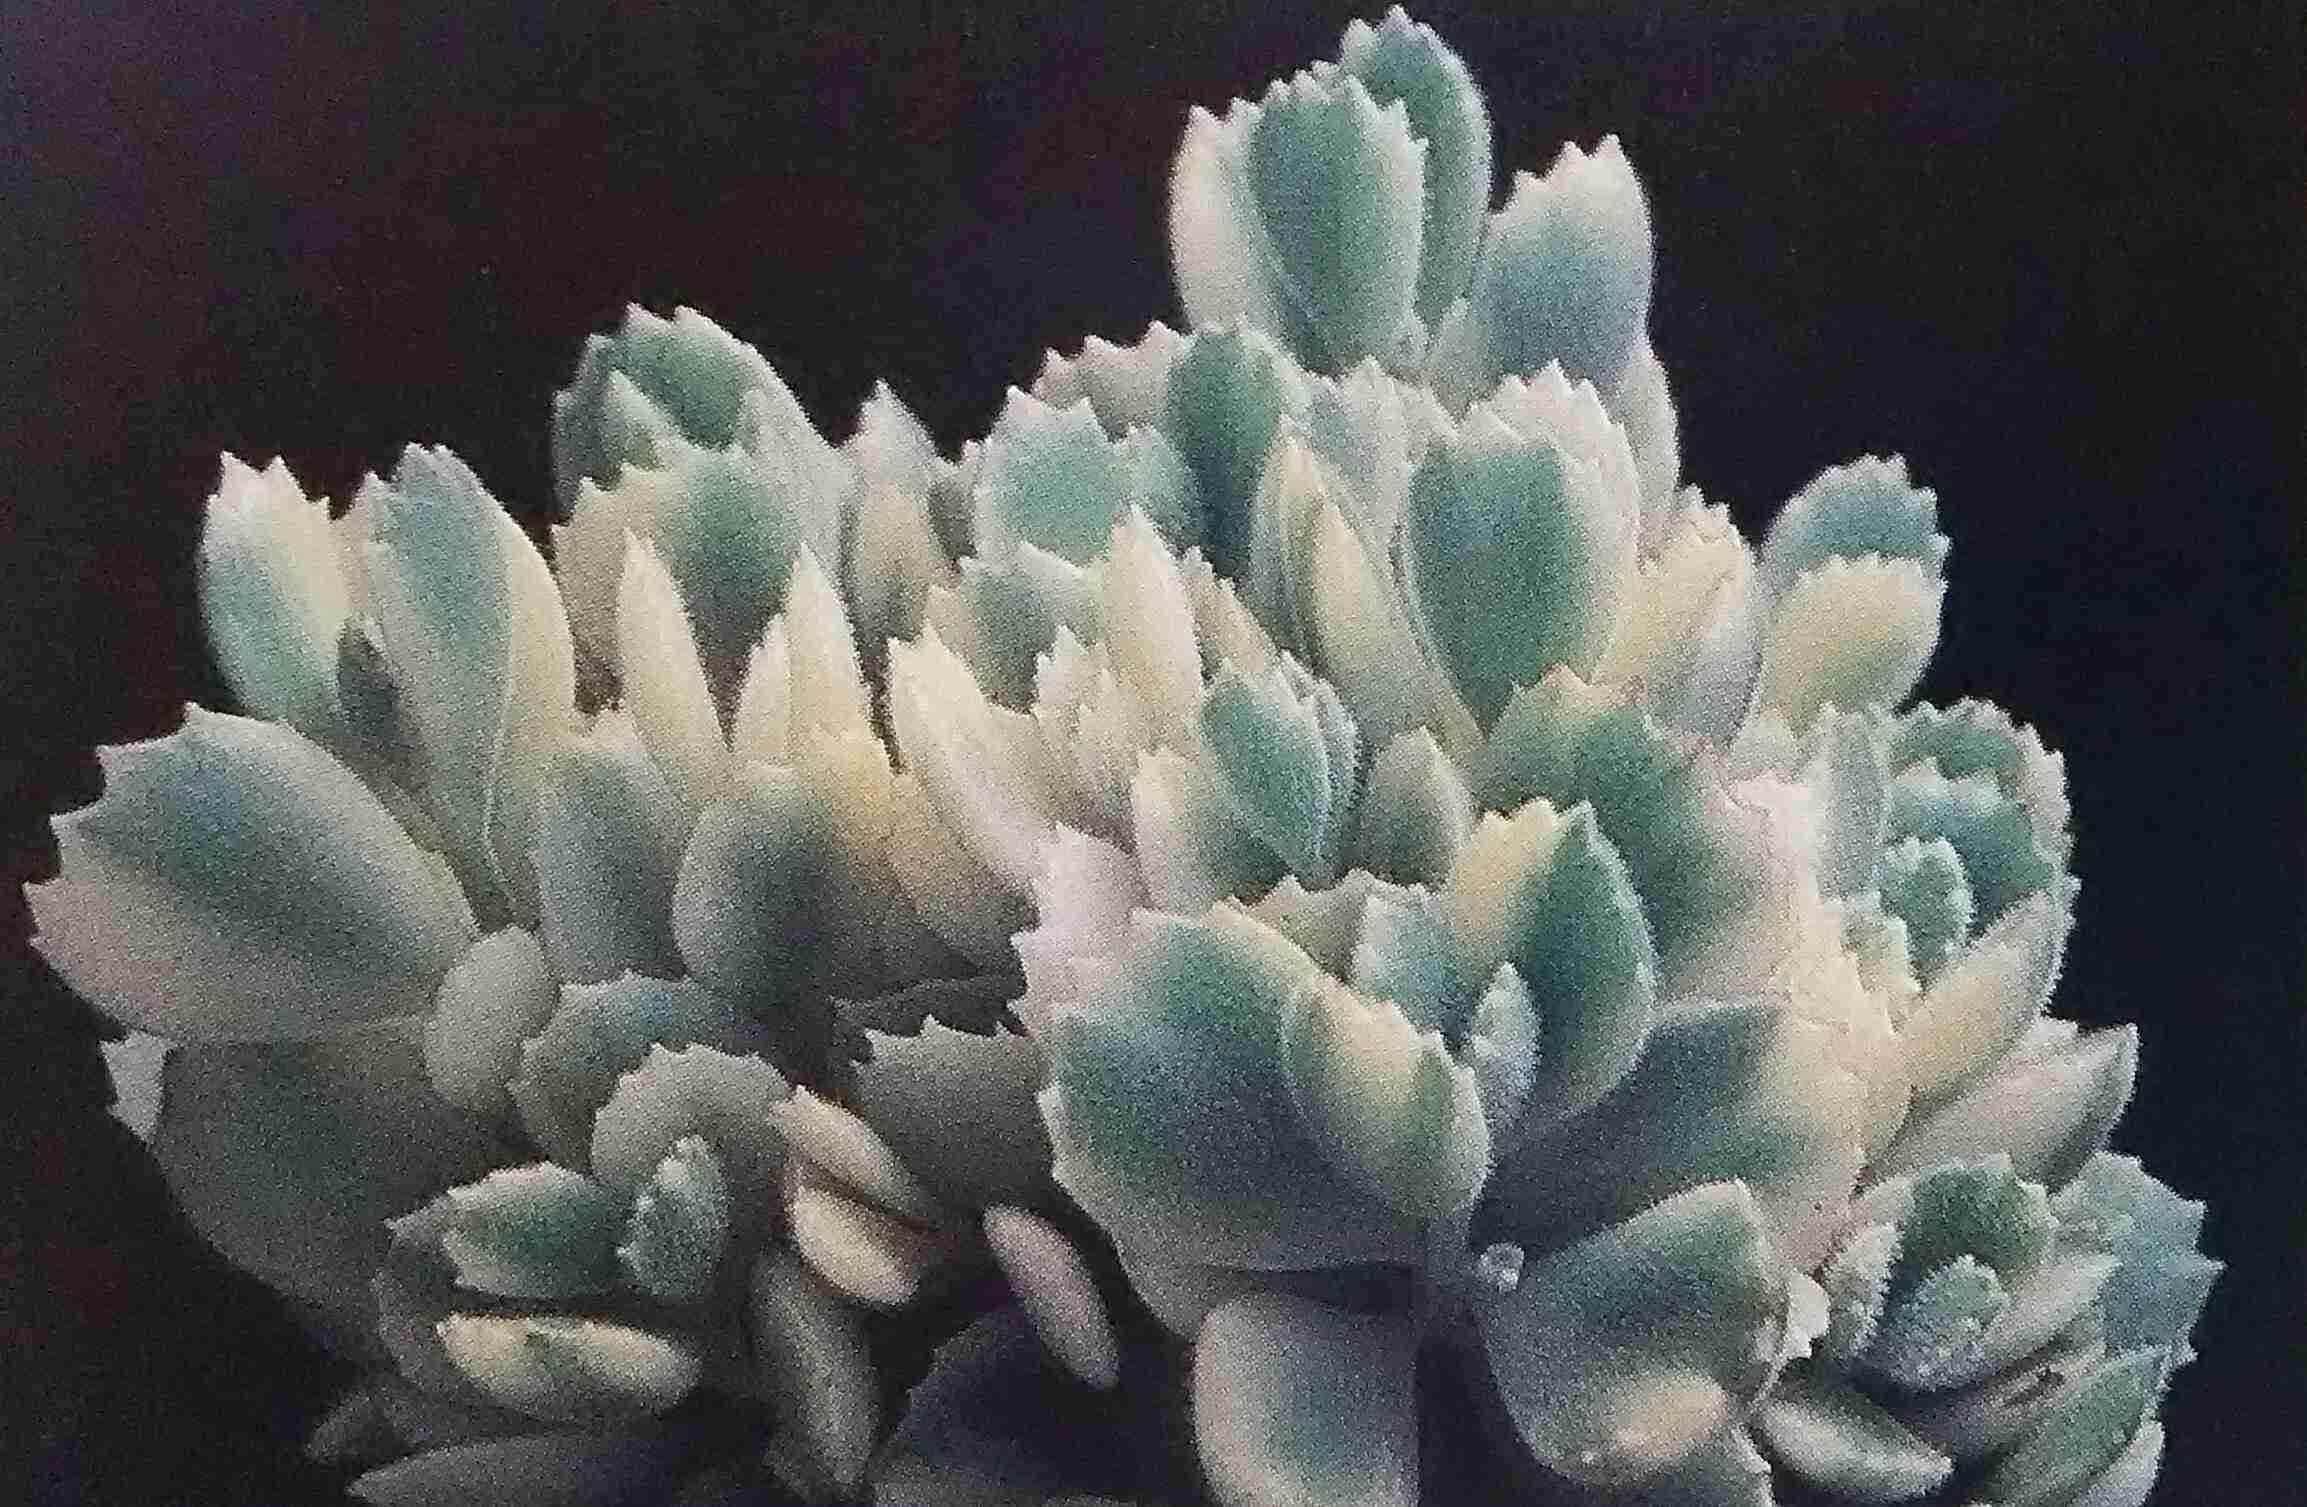 植物に名前を付けて育ててる人